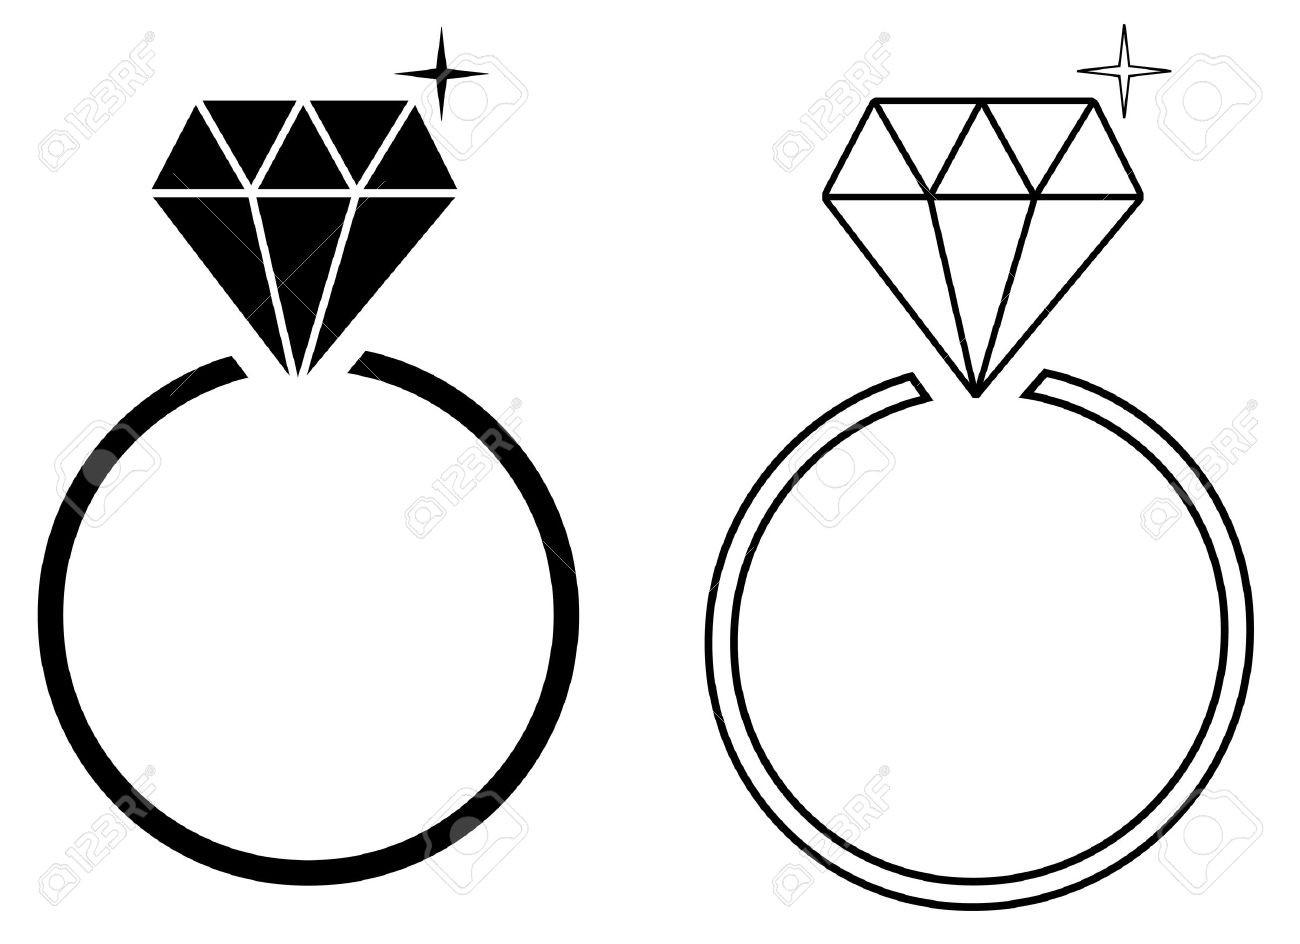 Wedding Rings Silhouette At Getdrawings